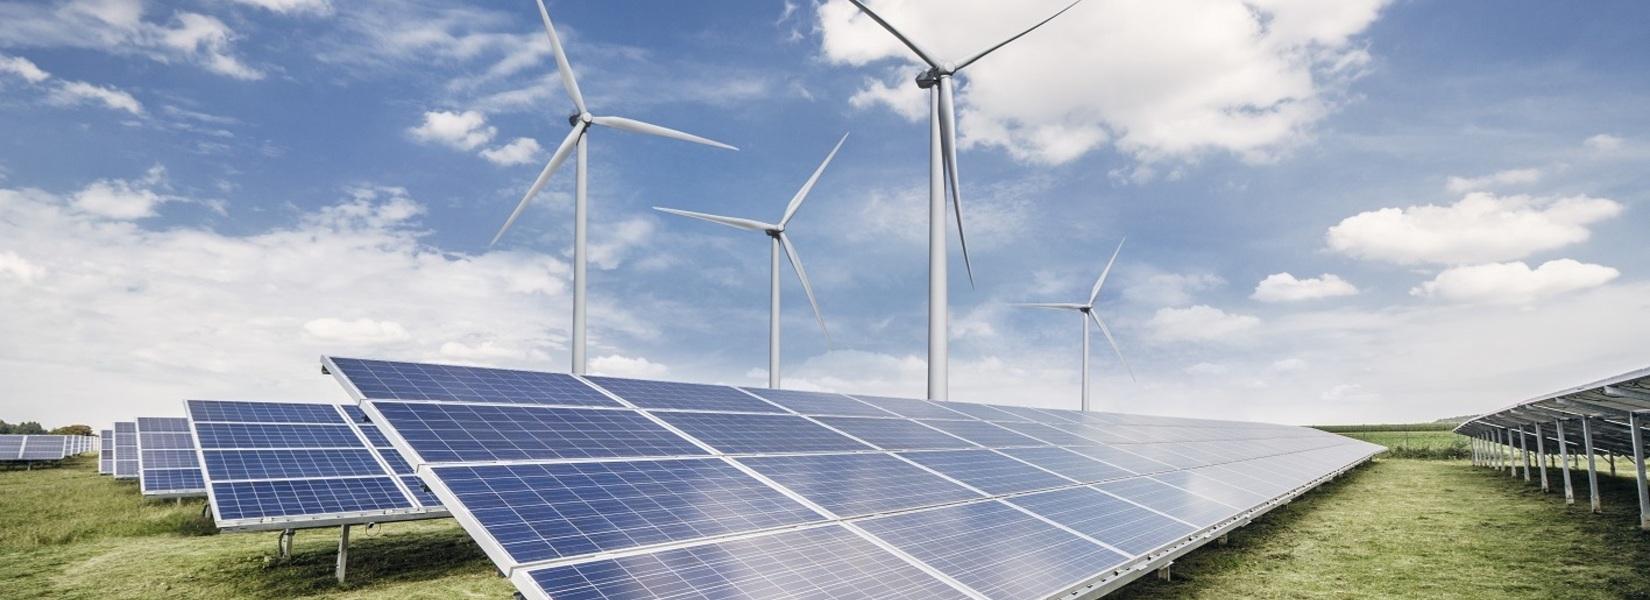 Illustration parc hybride eolien solaire